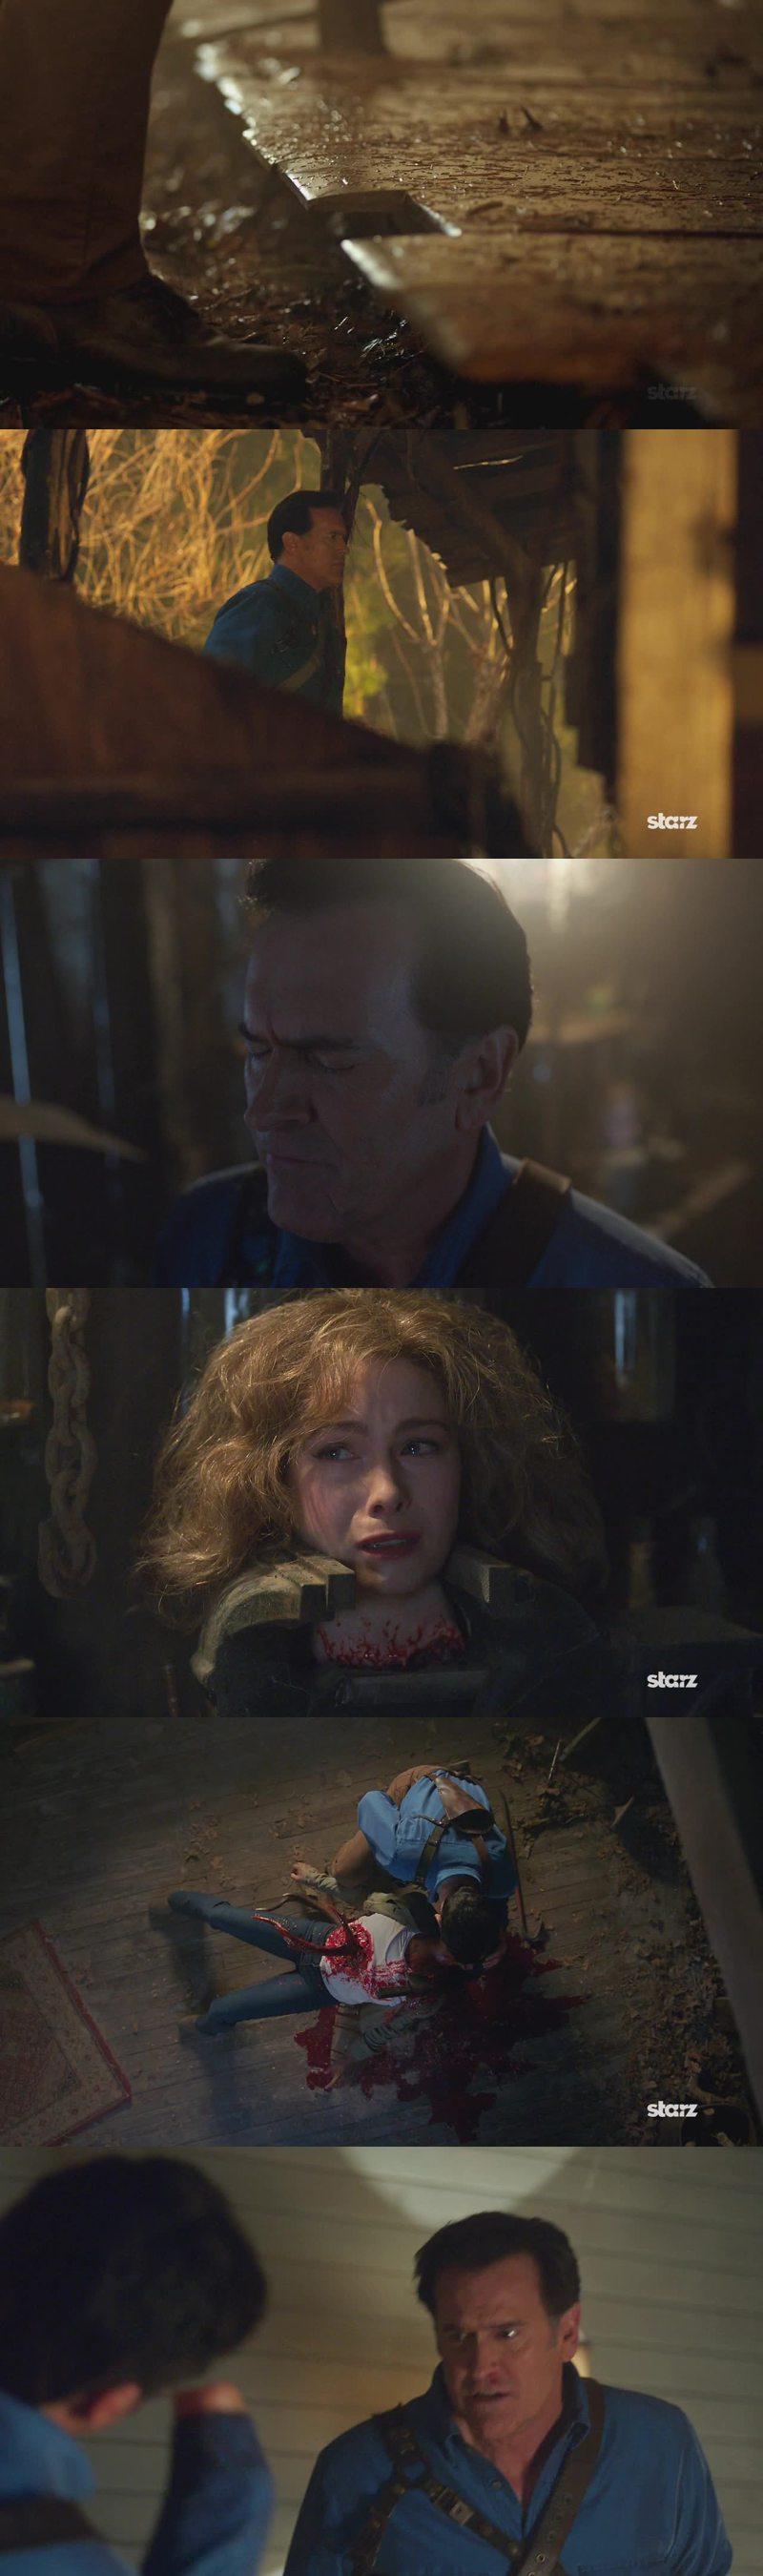 """Oddio, questo episodio è stato fantastico e io rischio di ripetermi ogni volta che commento un episodio! Ma porca paletta però! Amanda ha passato la maggior parte della serie a credere che Ash fosse il cattivo e dopo un episodio in cui sta dalla sua parte, MUORE? In quel modo, poi? Nope, no, non l'accetto. Ops. Ma nel trailer della serie non c'era una parte in cui lei e Ruby si baciavano? Oppure hanno tolto la scena? Il resto, poi, è stato grandioso! LA CASA!!  Hanno rifatto anche la stessa scena del dondolo sotto al portico, quello che sbatteva contro la parete e smetteva una volta che uno saliva sul portico! AMO!!  E la sua ex ragazza? E il volto di Ash quando ha capito che avrebbe riparlato con """"lei""""? Si vedeva che l'ama ancora. Ed è anche ritornato il doppione di Ash e l'episodio è terminato proprio sul più bello. QUANDO ARRIVA DOMENICA PROSSIMA?????"""